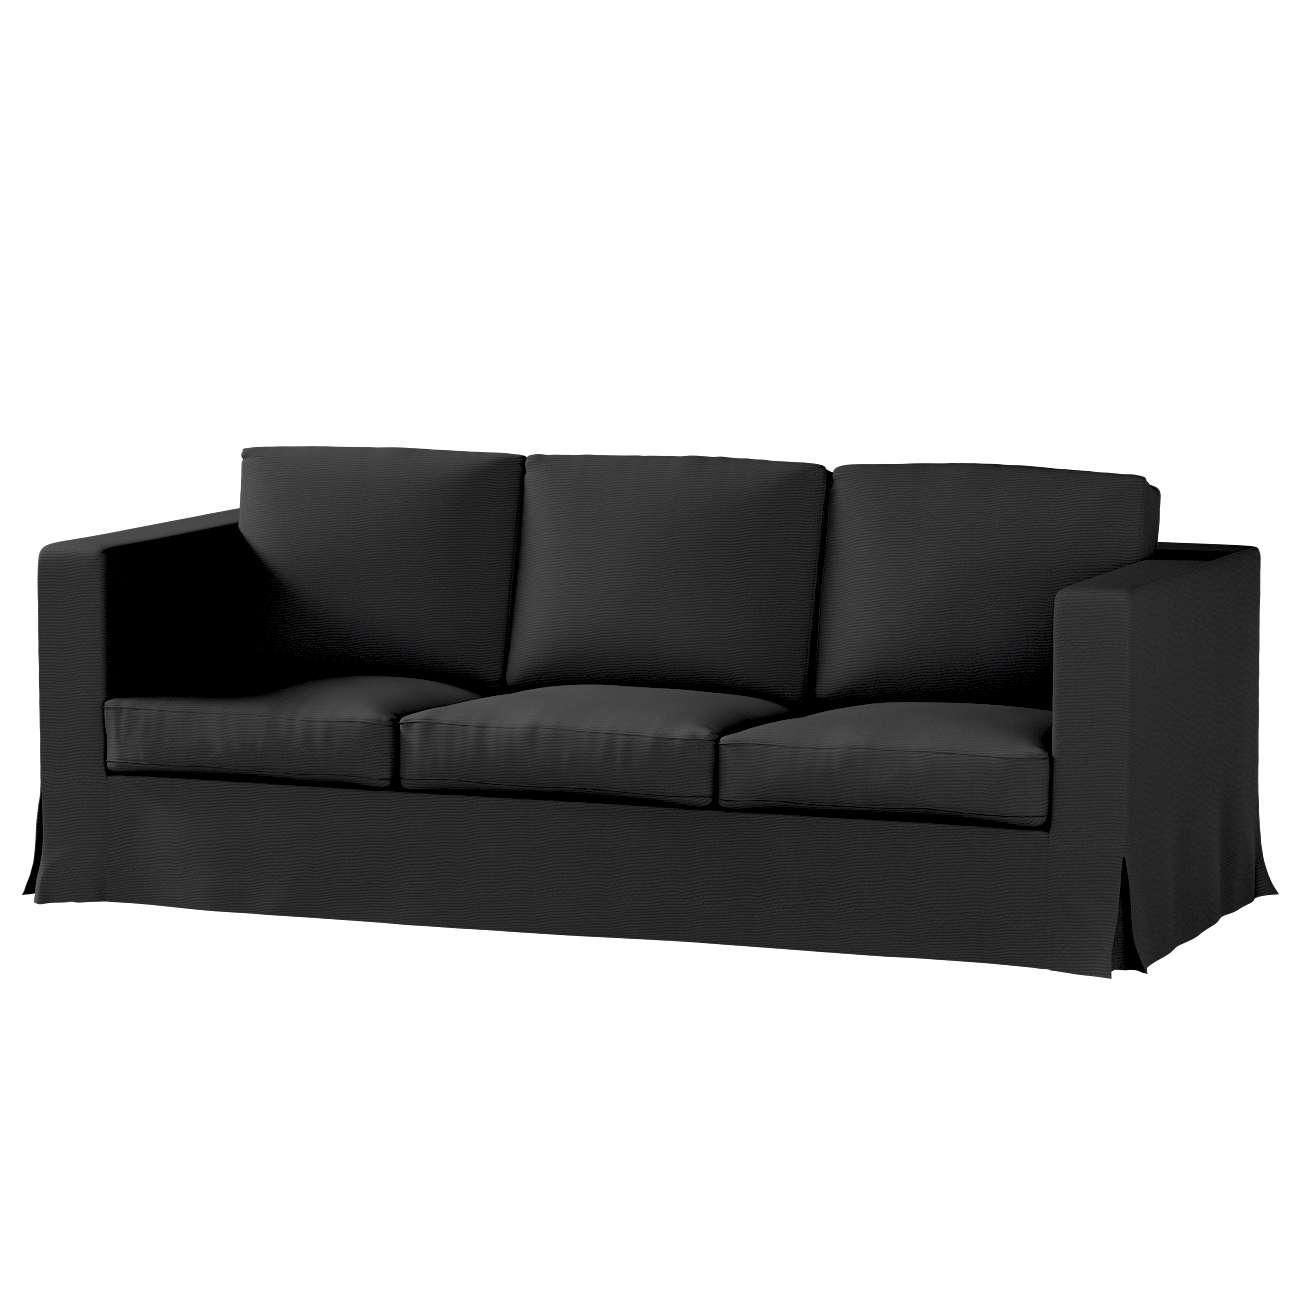 KARLANDA trivietės sofos iki žemės užvalkalas KARLANDA trivietės sofos iki žemės užvalkalas kolekcijoje Etna , audinys: 705-00